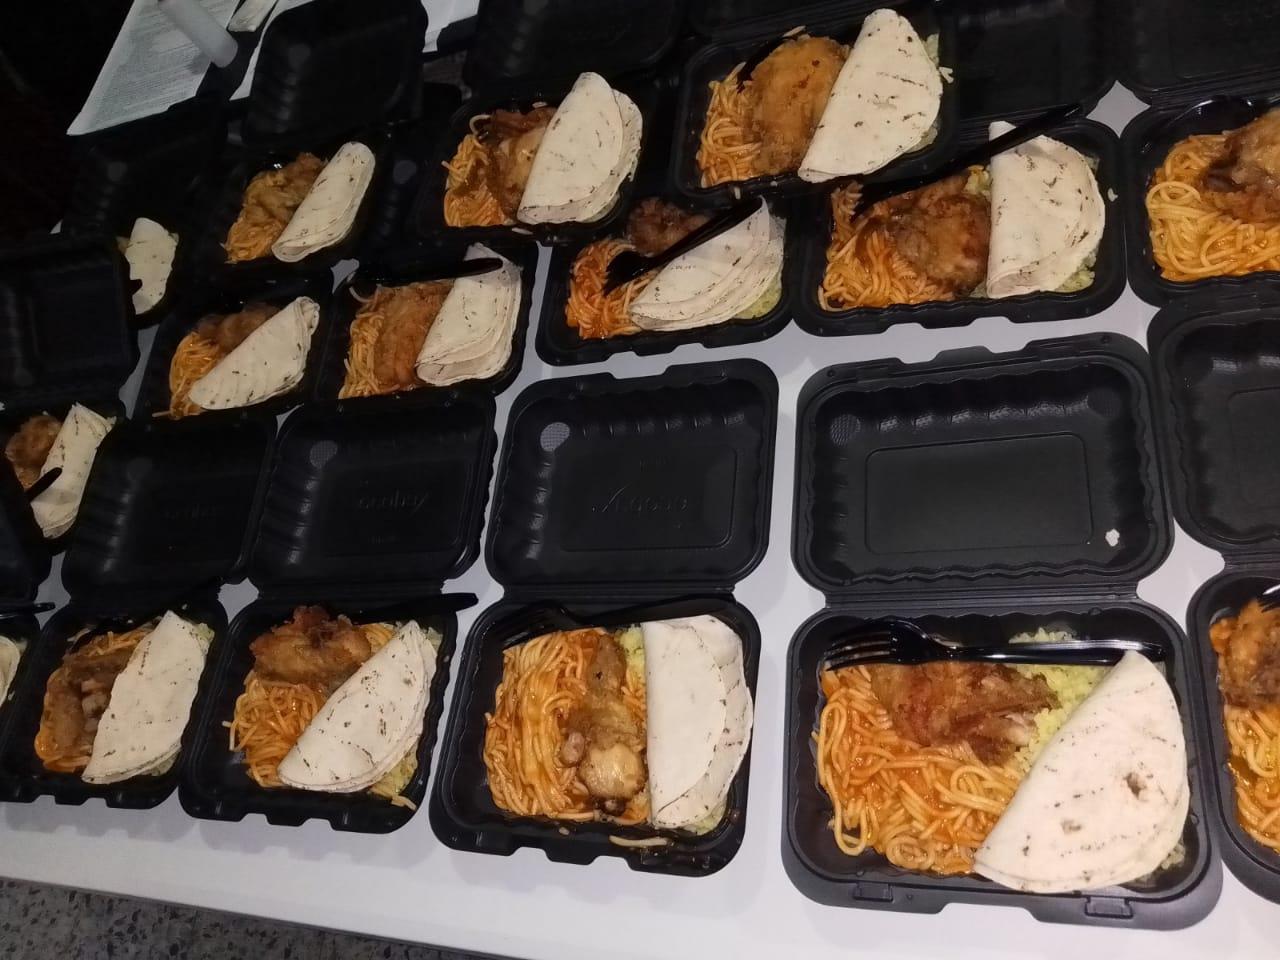 Donación de almuerzos en la Carretera hacia la Lima,Cortes.